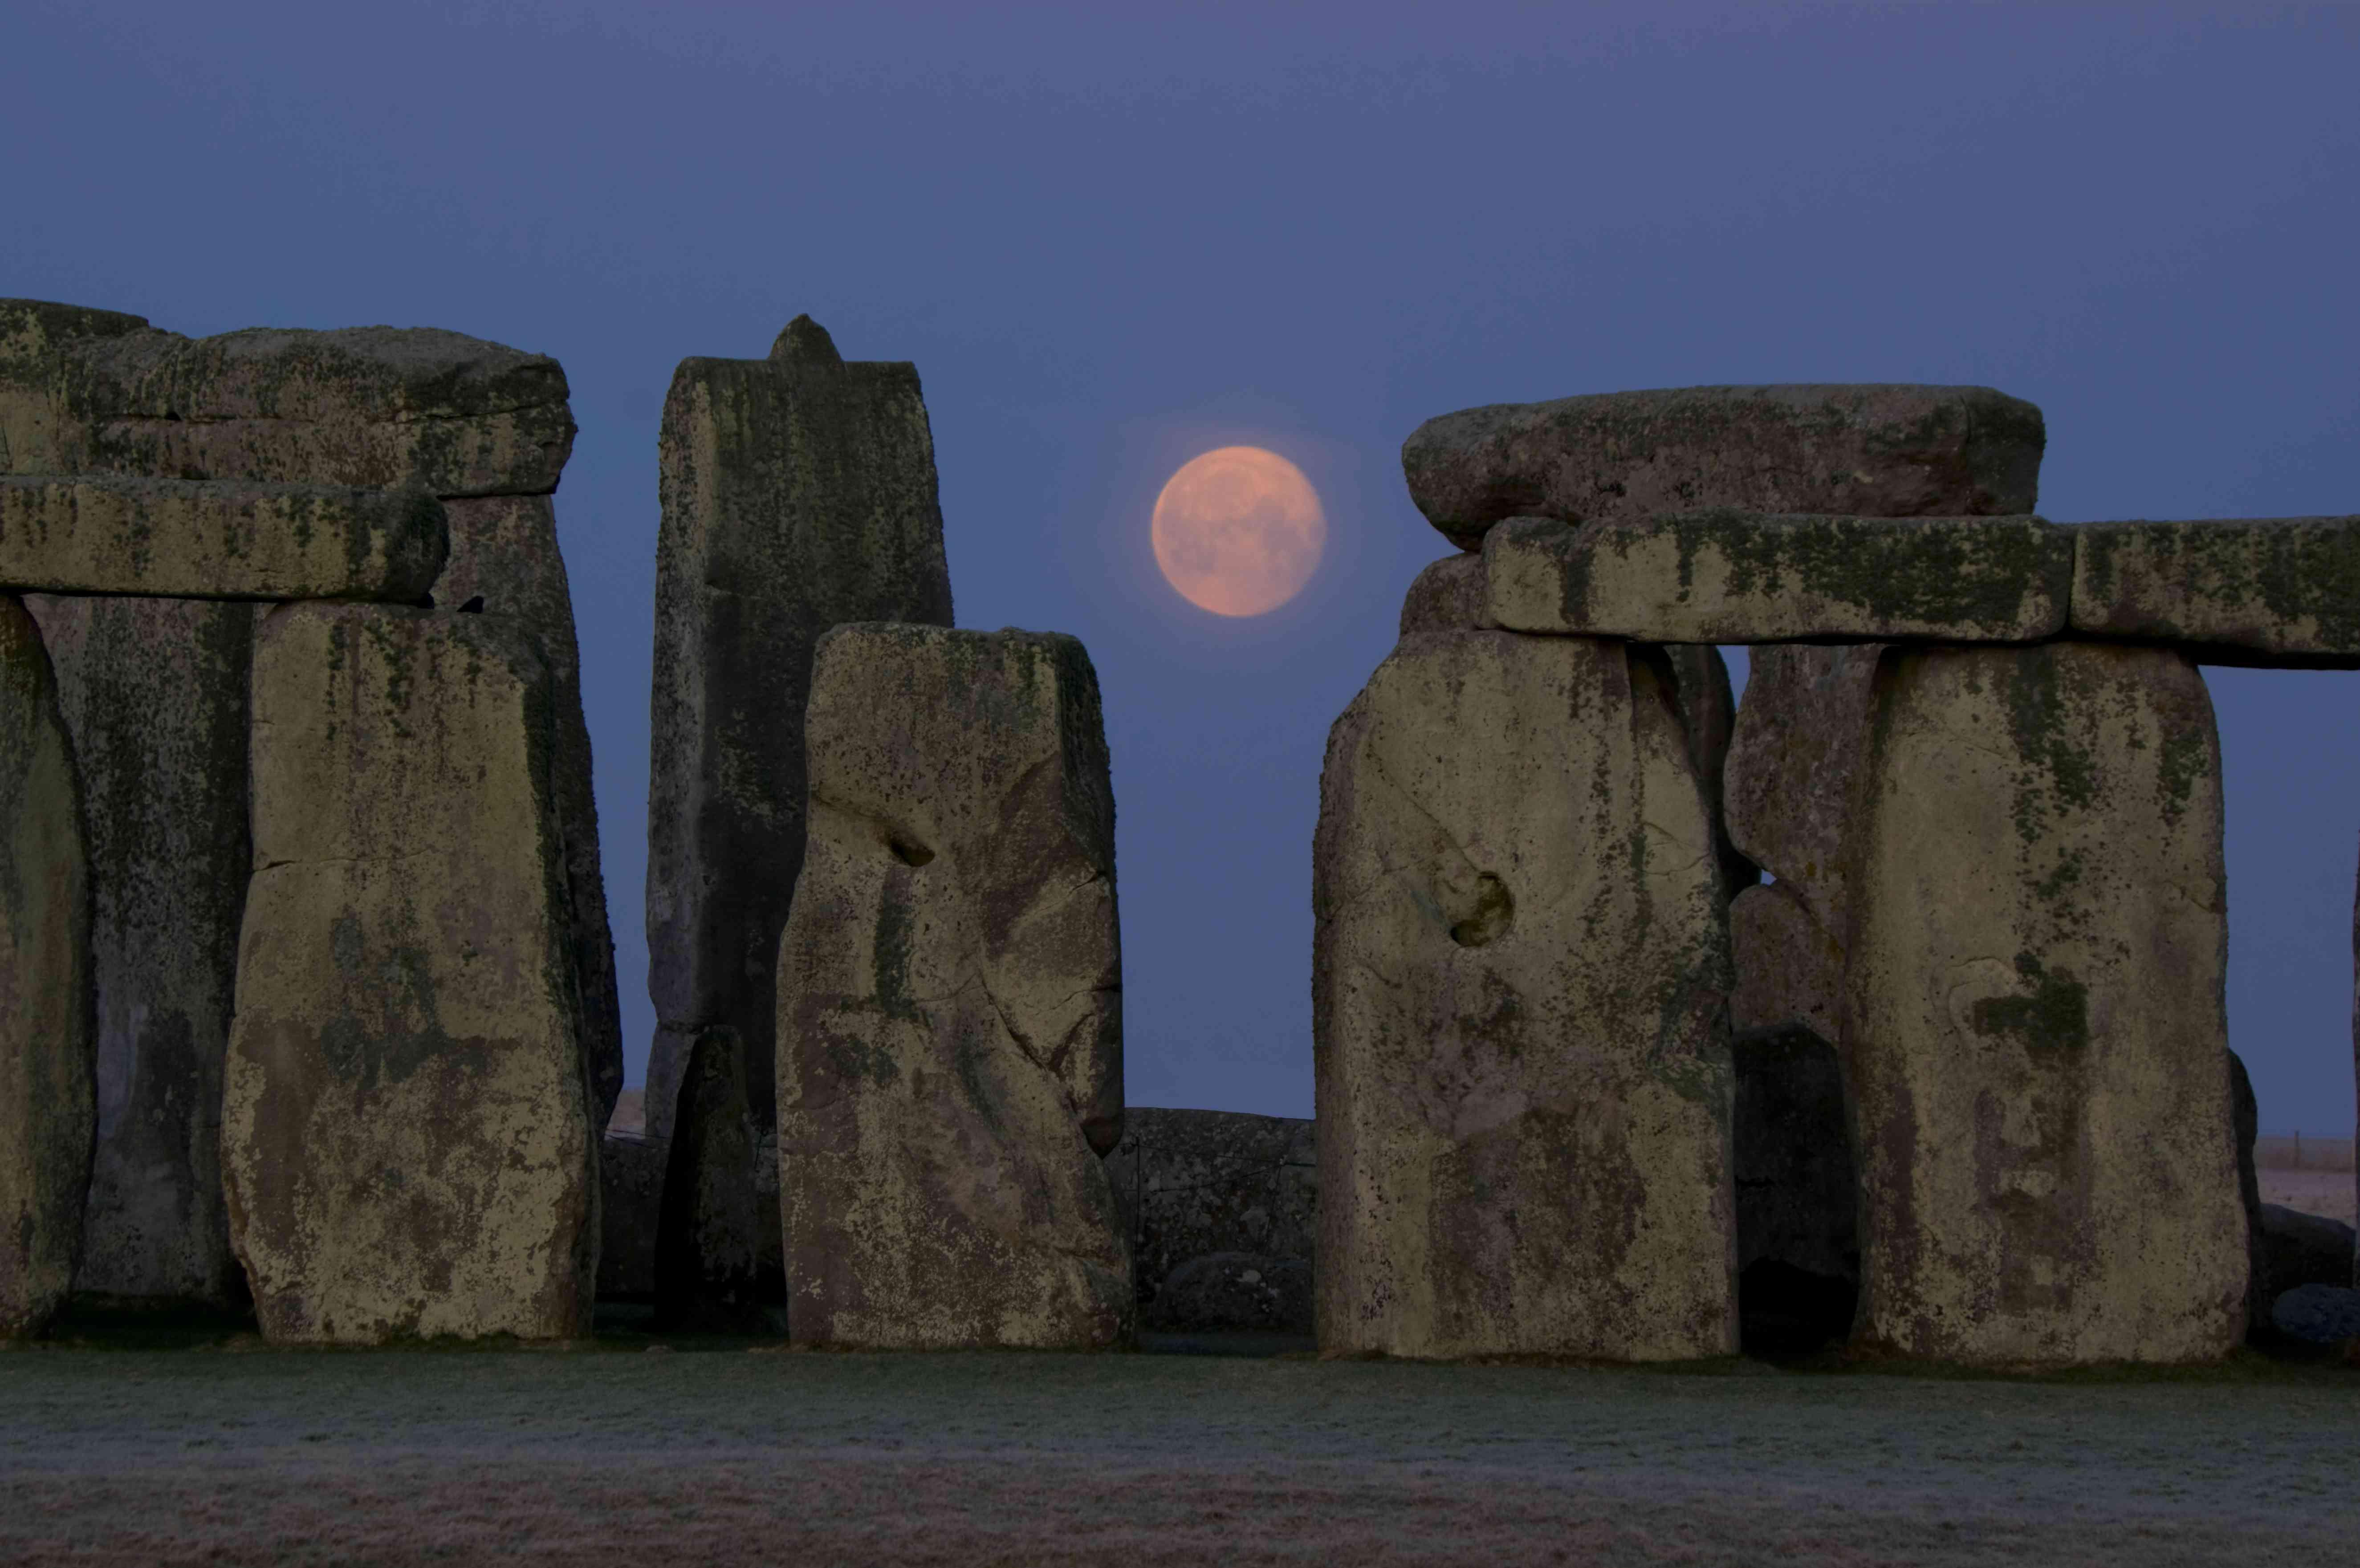 Moon descends between stones of Stonehenge